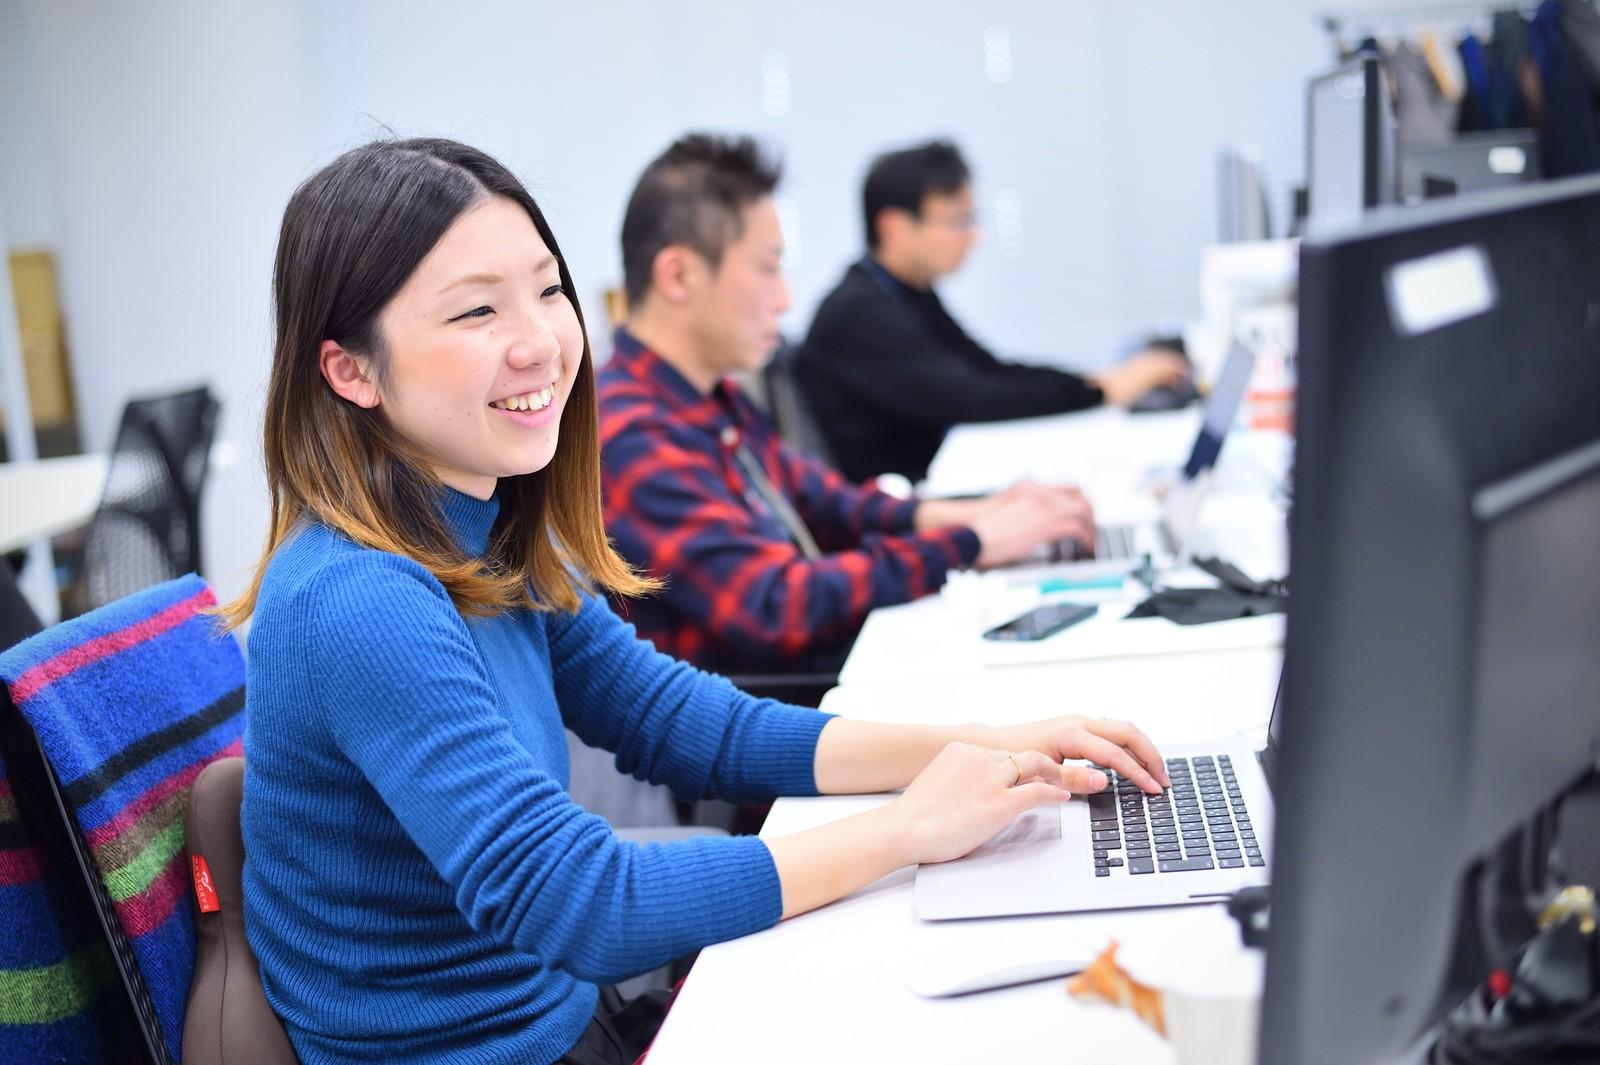 クラウドワーカー33万人の力で事業範囲を拡大中の「シュフティ」がPHPエンジニアを募集!